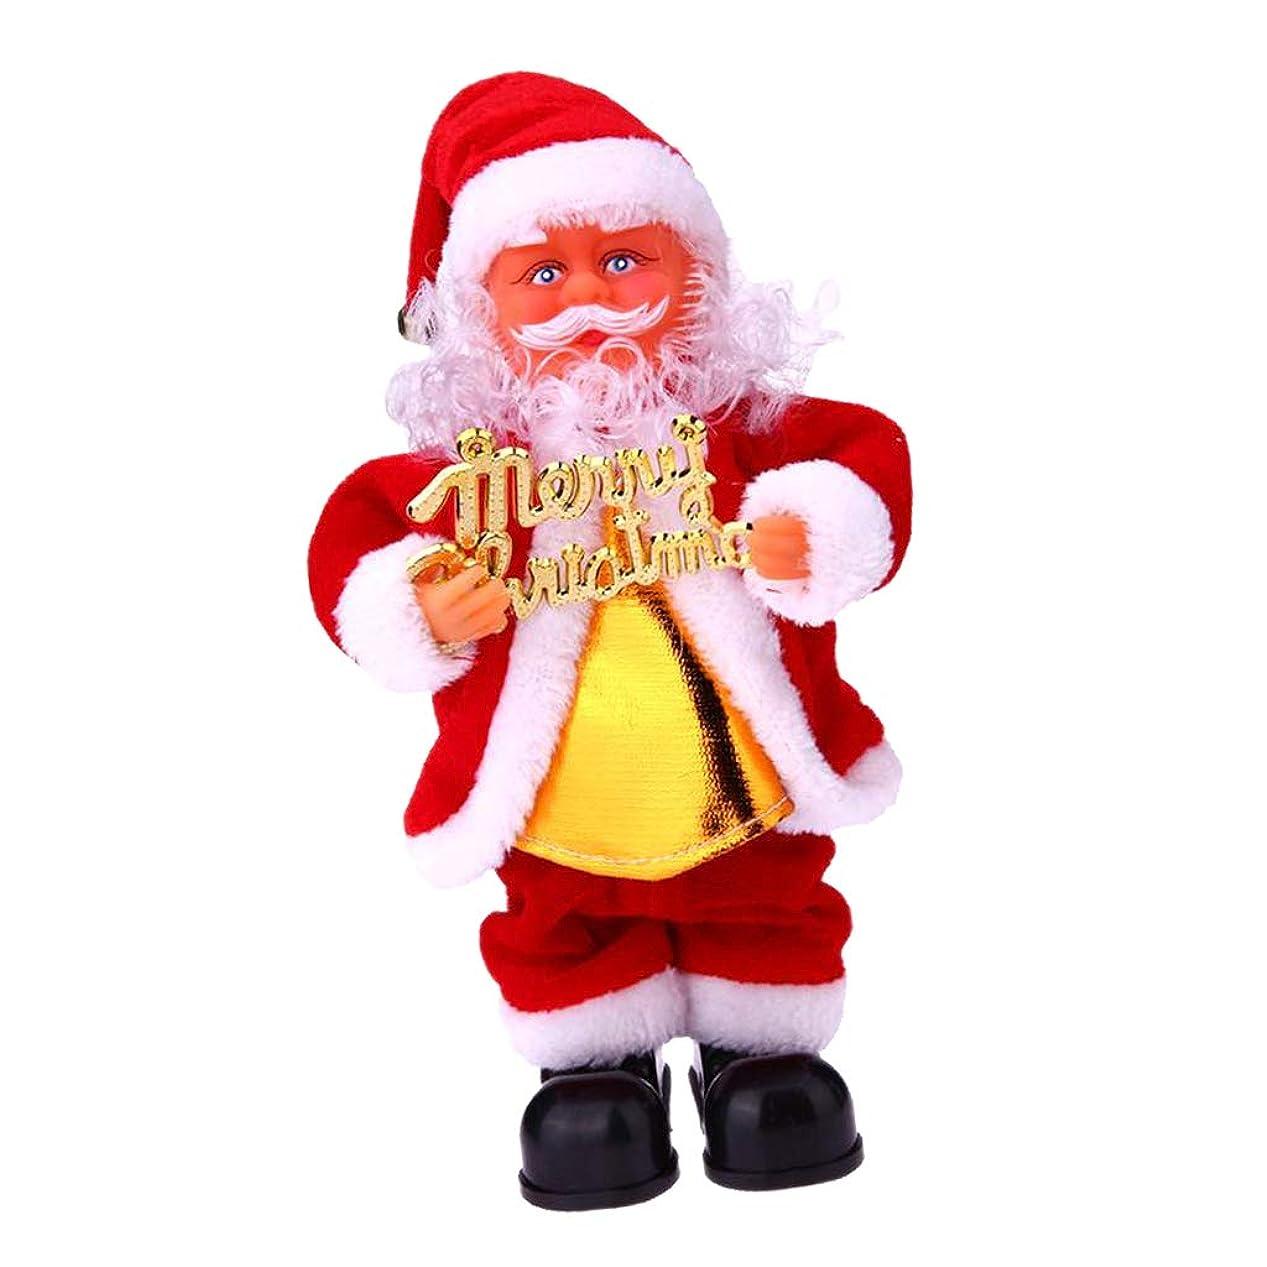 ピケ気づく麻痺させる電子おもちゃ オフィス ホーム装飾 歌う 踊るサンタクロースドール ぬいぐるみ 音楽人形